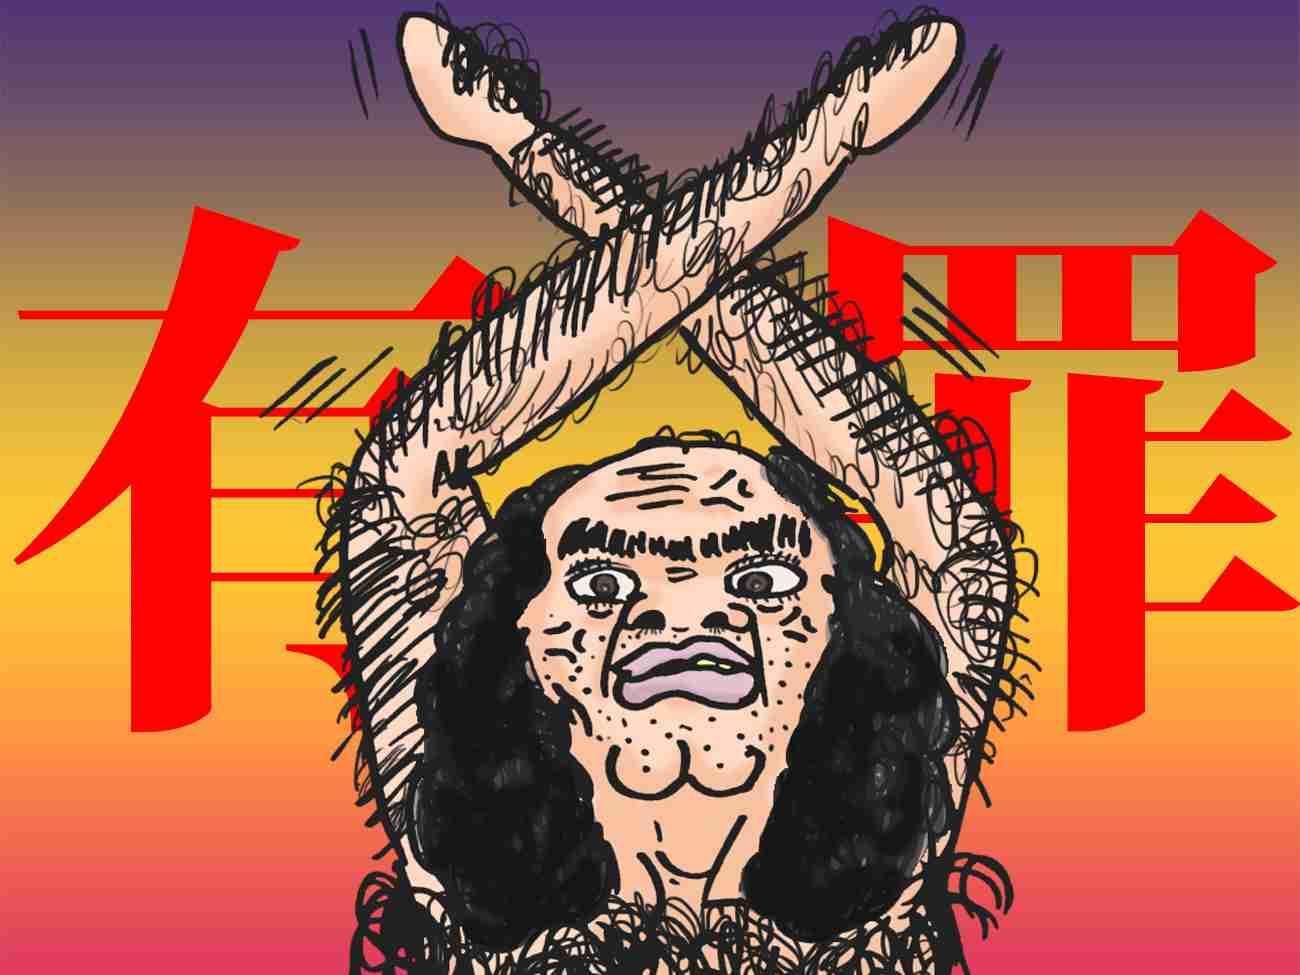 【唖然】世界のヤバイ法律&条令 / オナラで終身刑になる地域も|ニュース&エンタメ情報『Yomerumo』